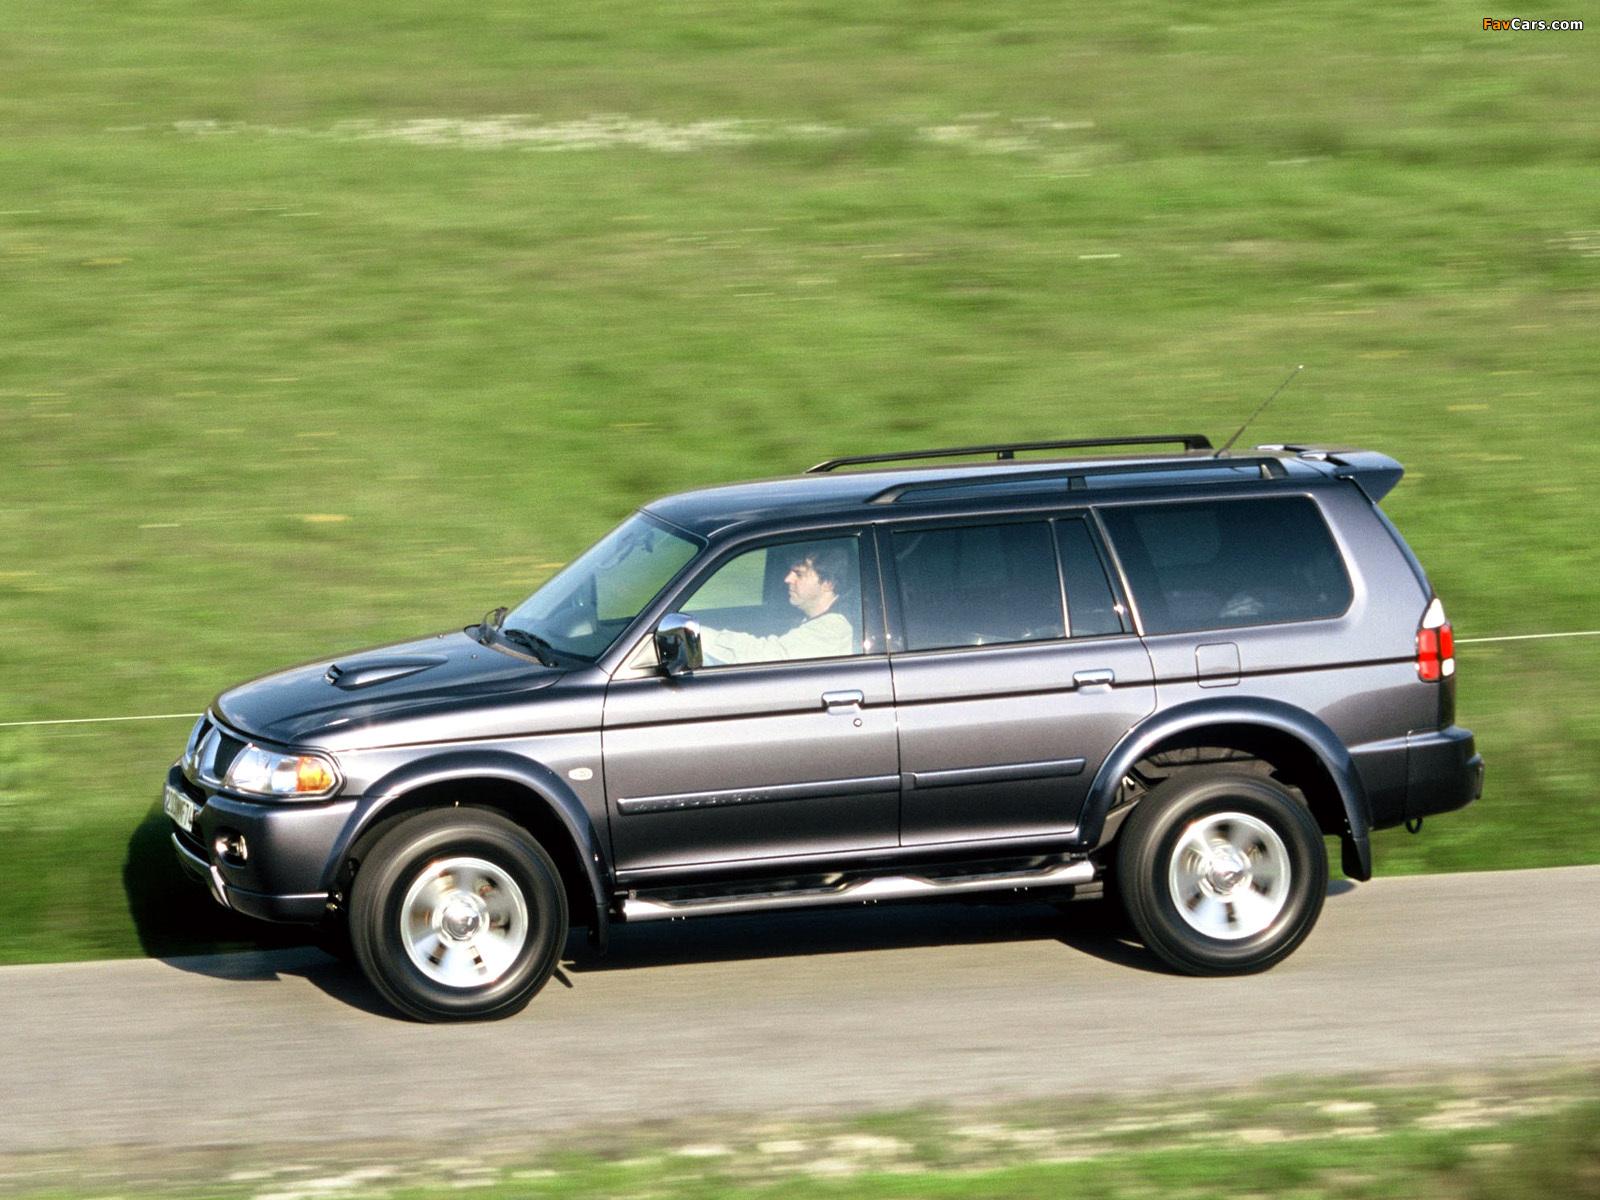 2005 Mitsubishi Pajero Sport